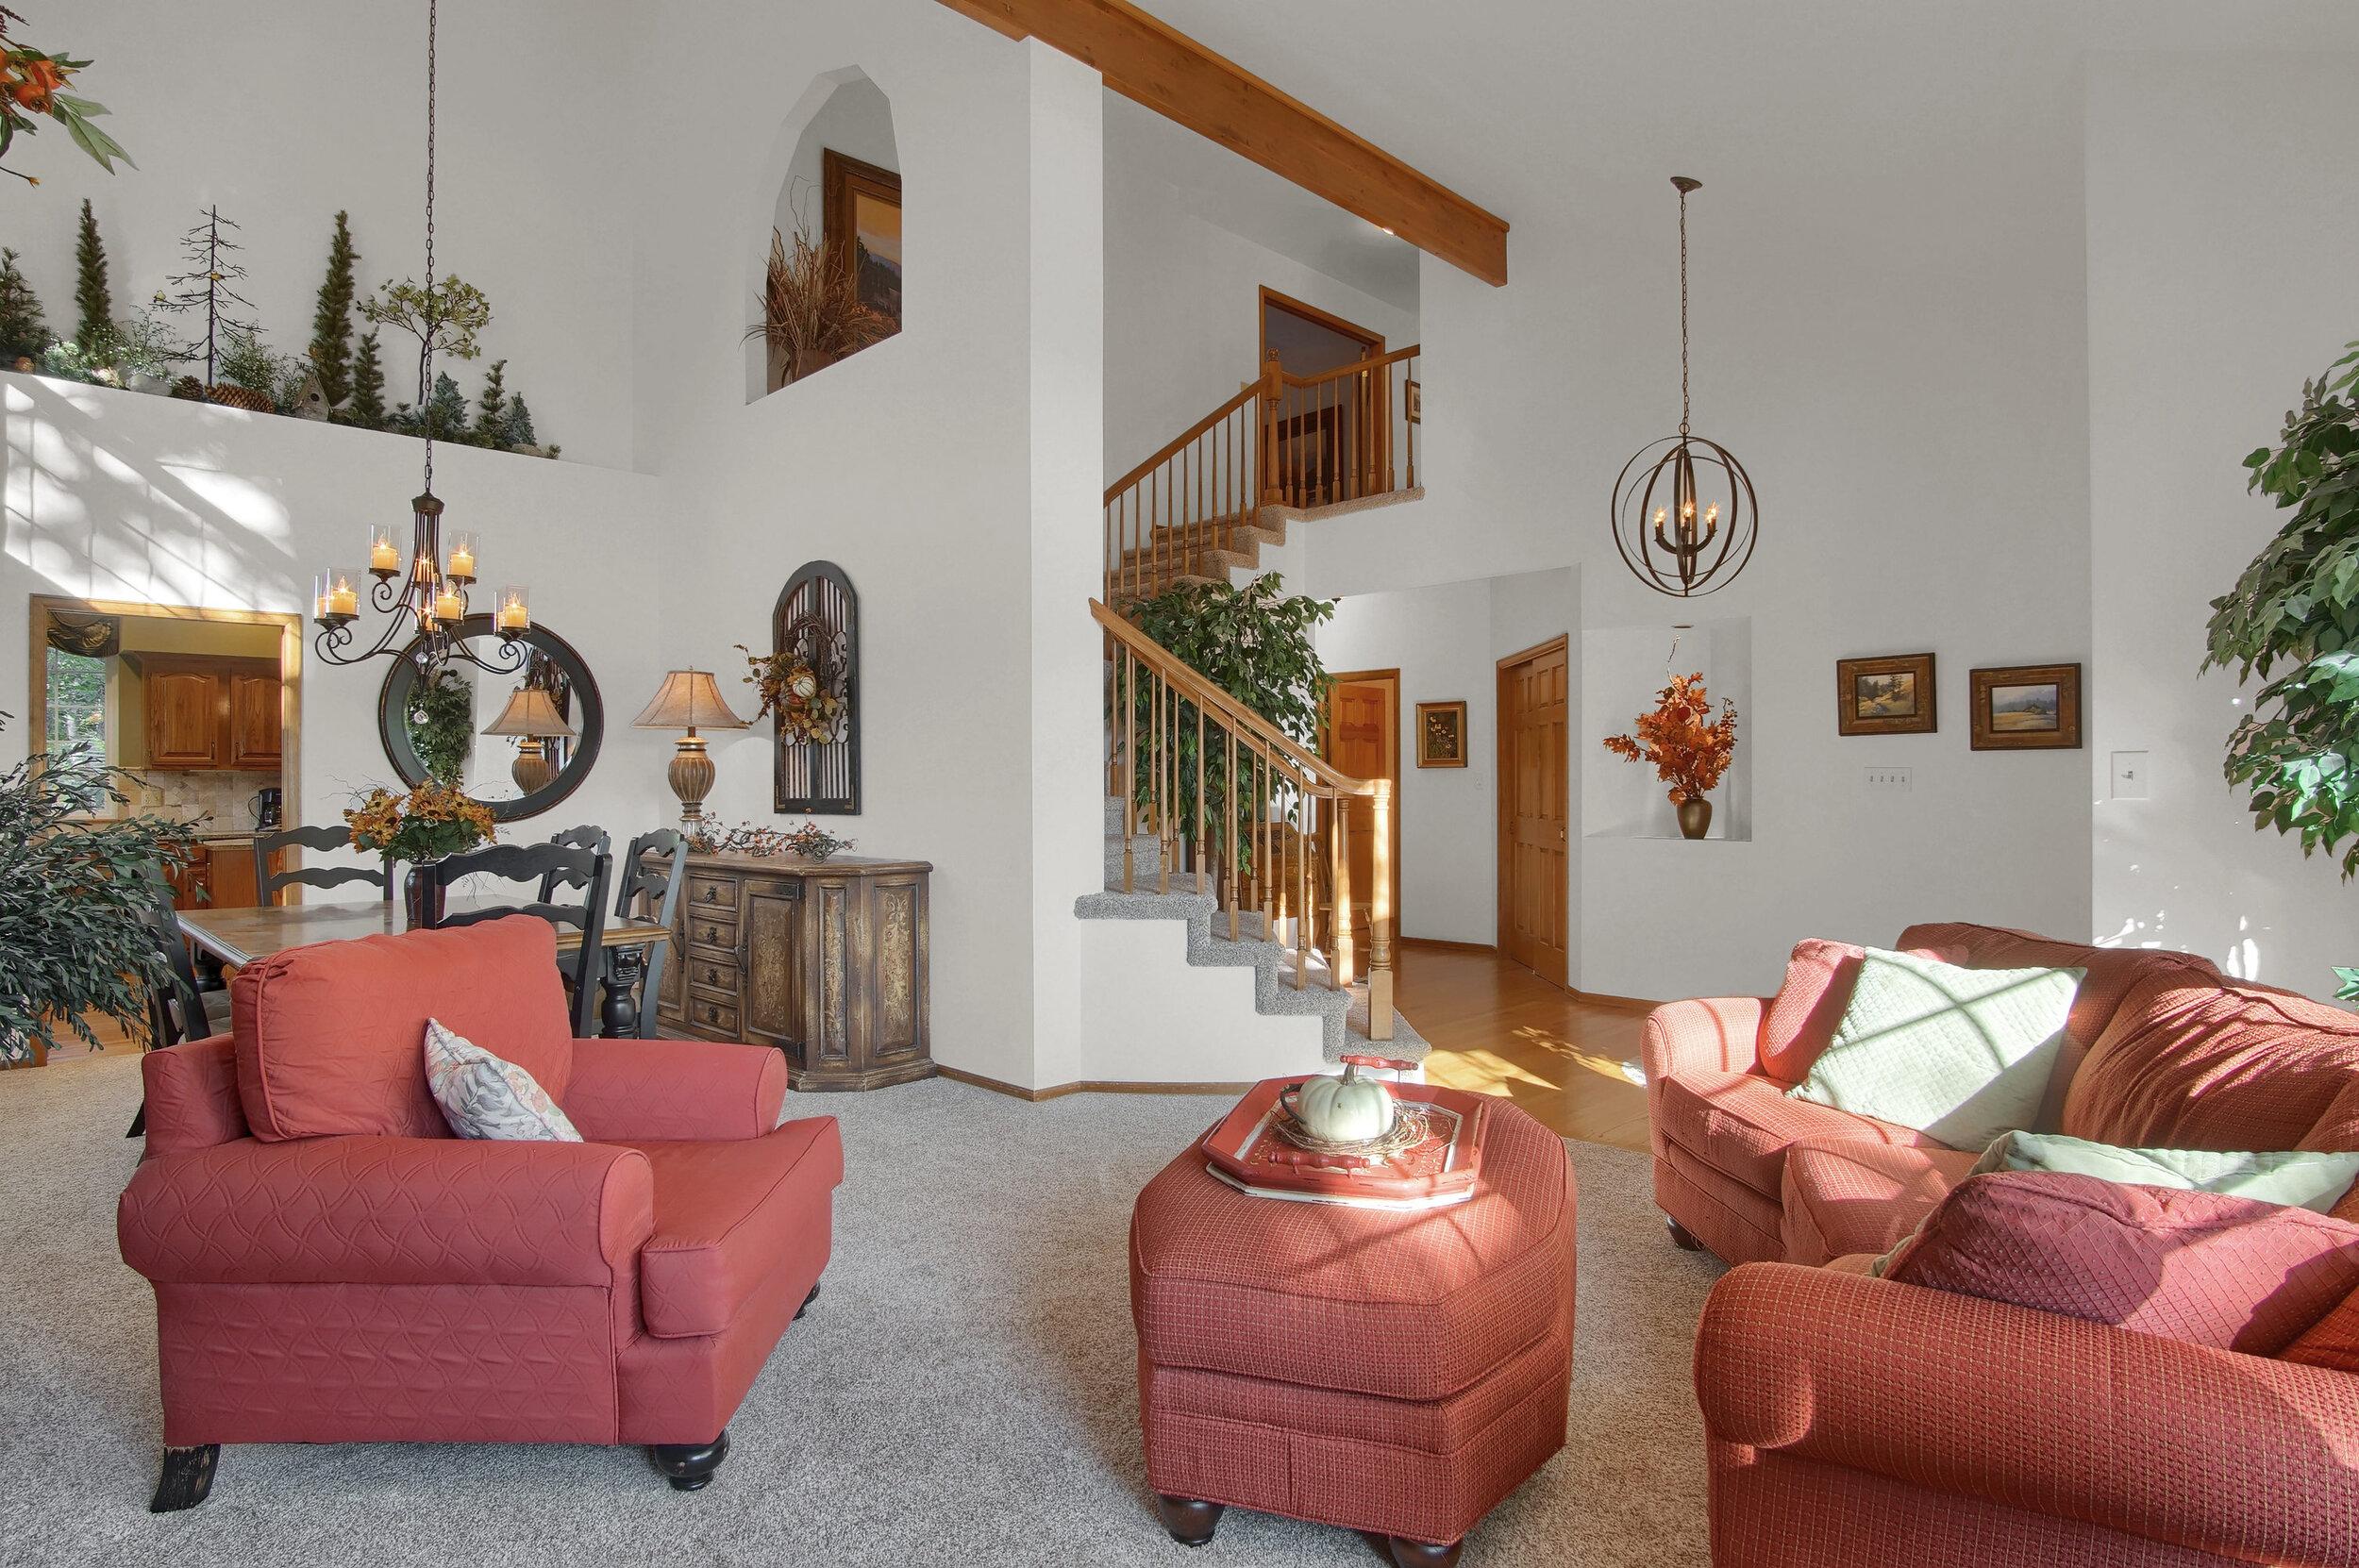 4919 Nightshade Cir Colorado-print-012-002-Living Room-3008x2000-300dpi.jpg